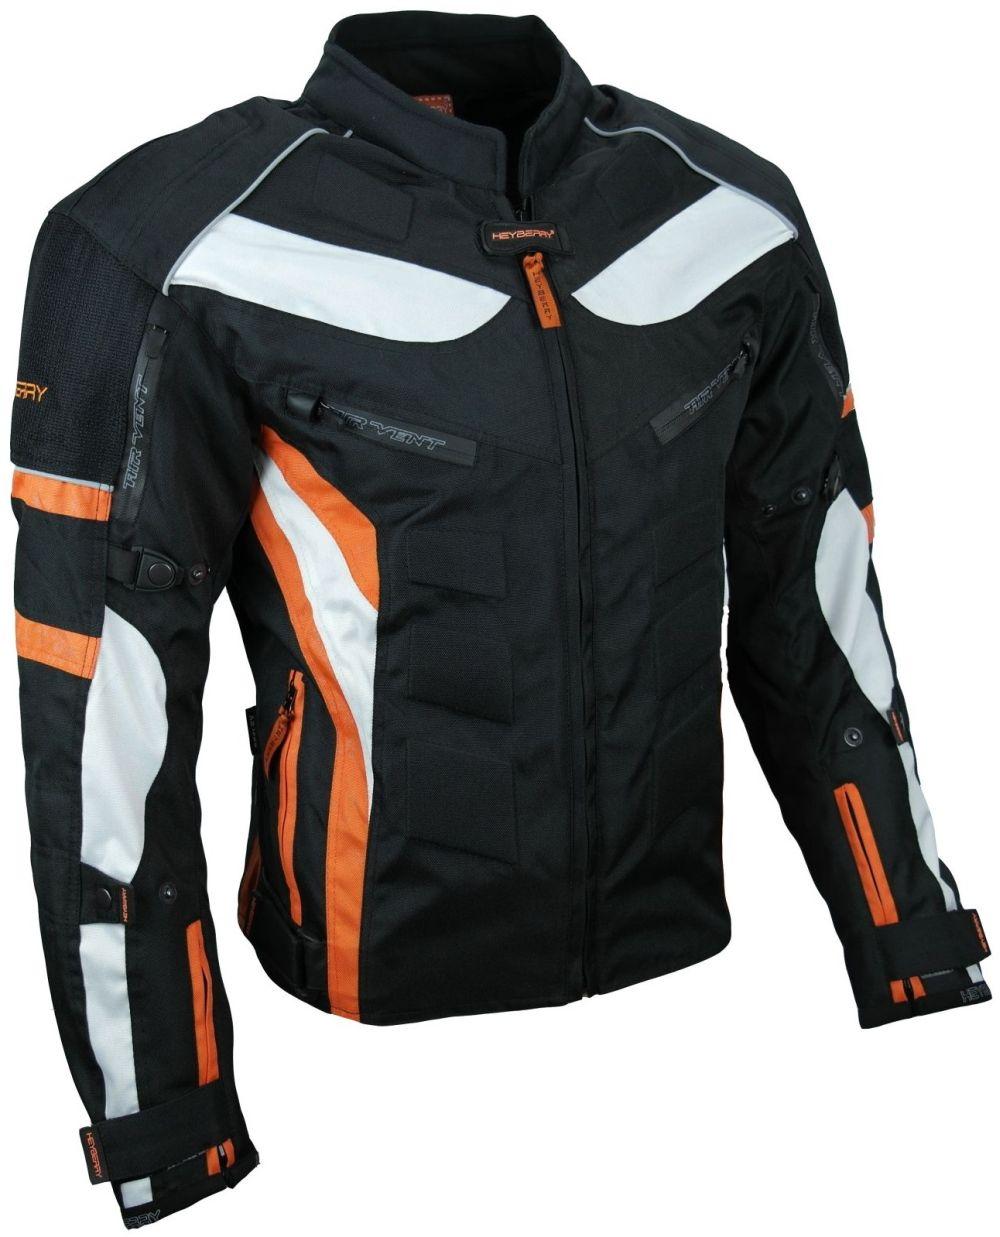 Heyberry Textil Motorrad Jacke Motorradjacke Schwarz Orange Gr. M bis 3XL